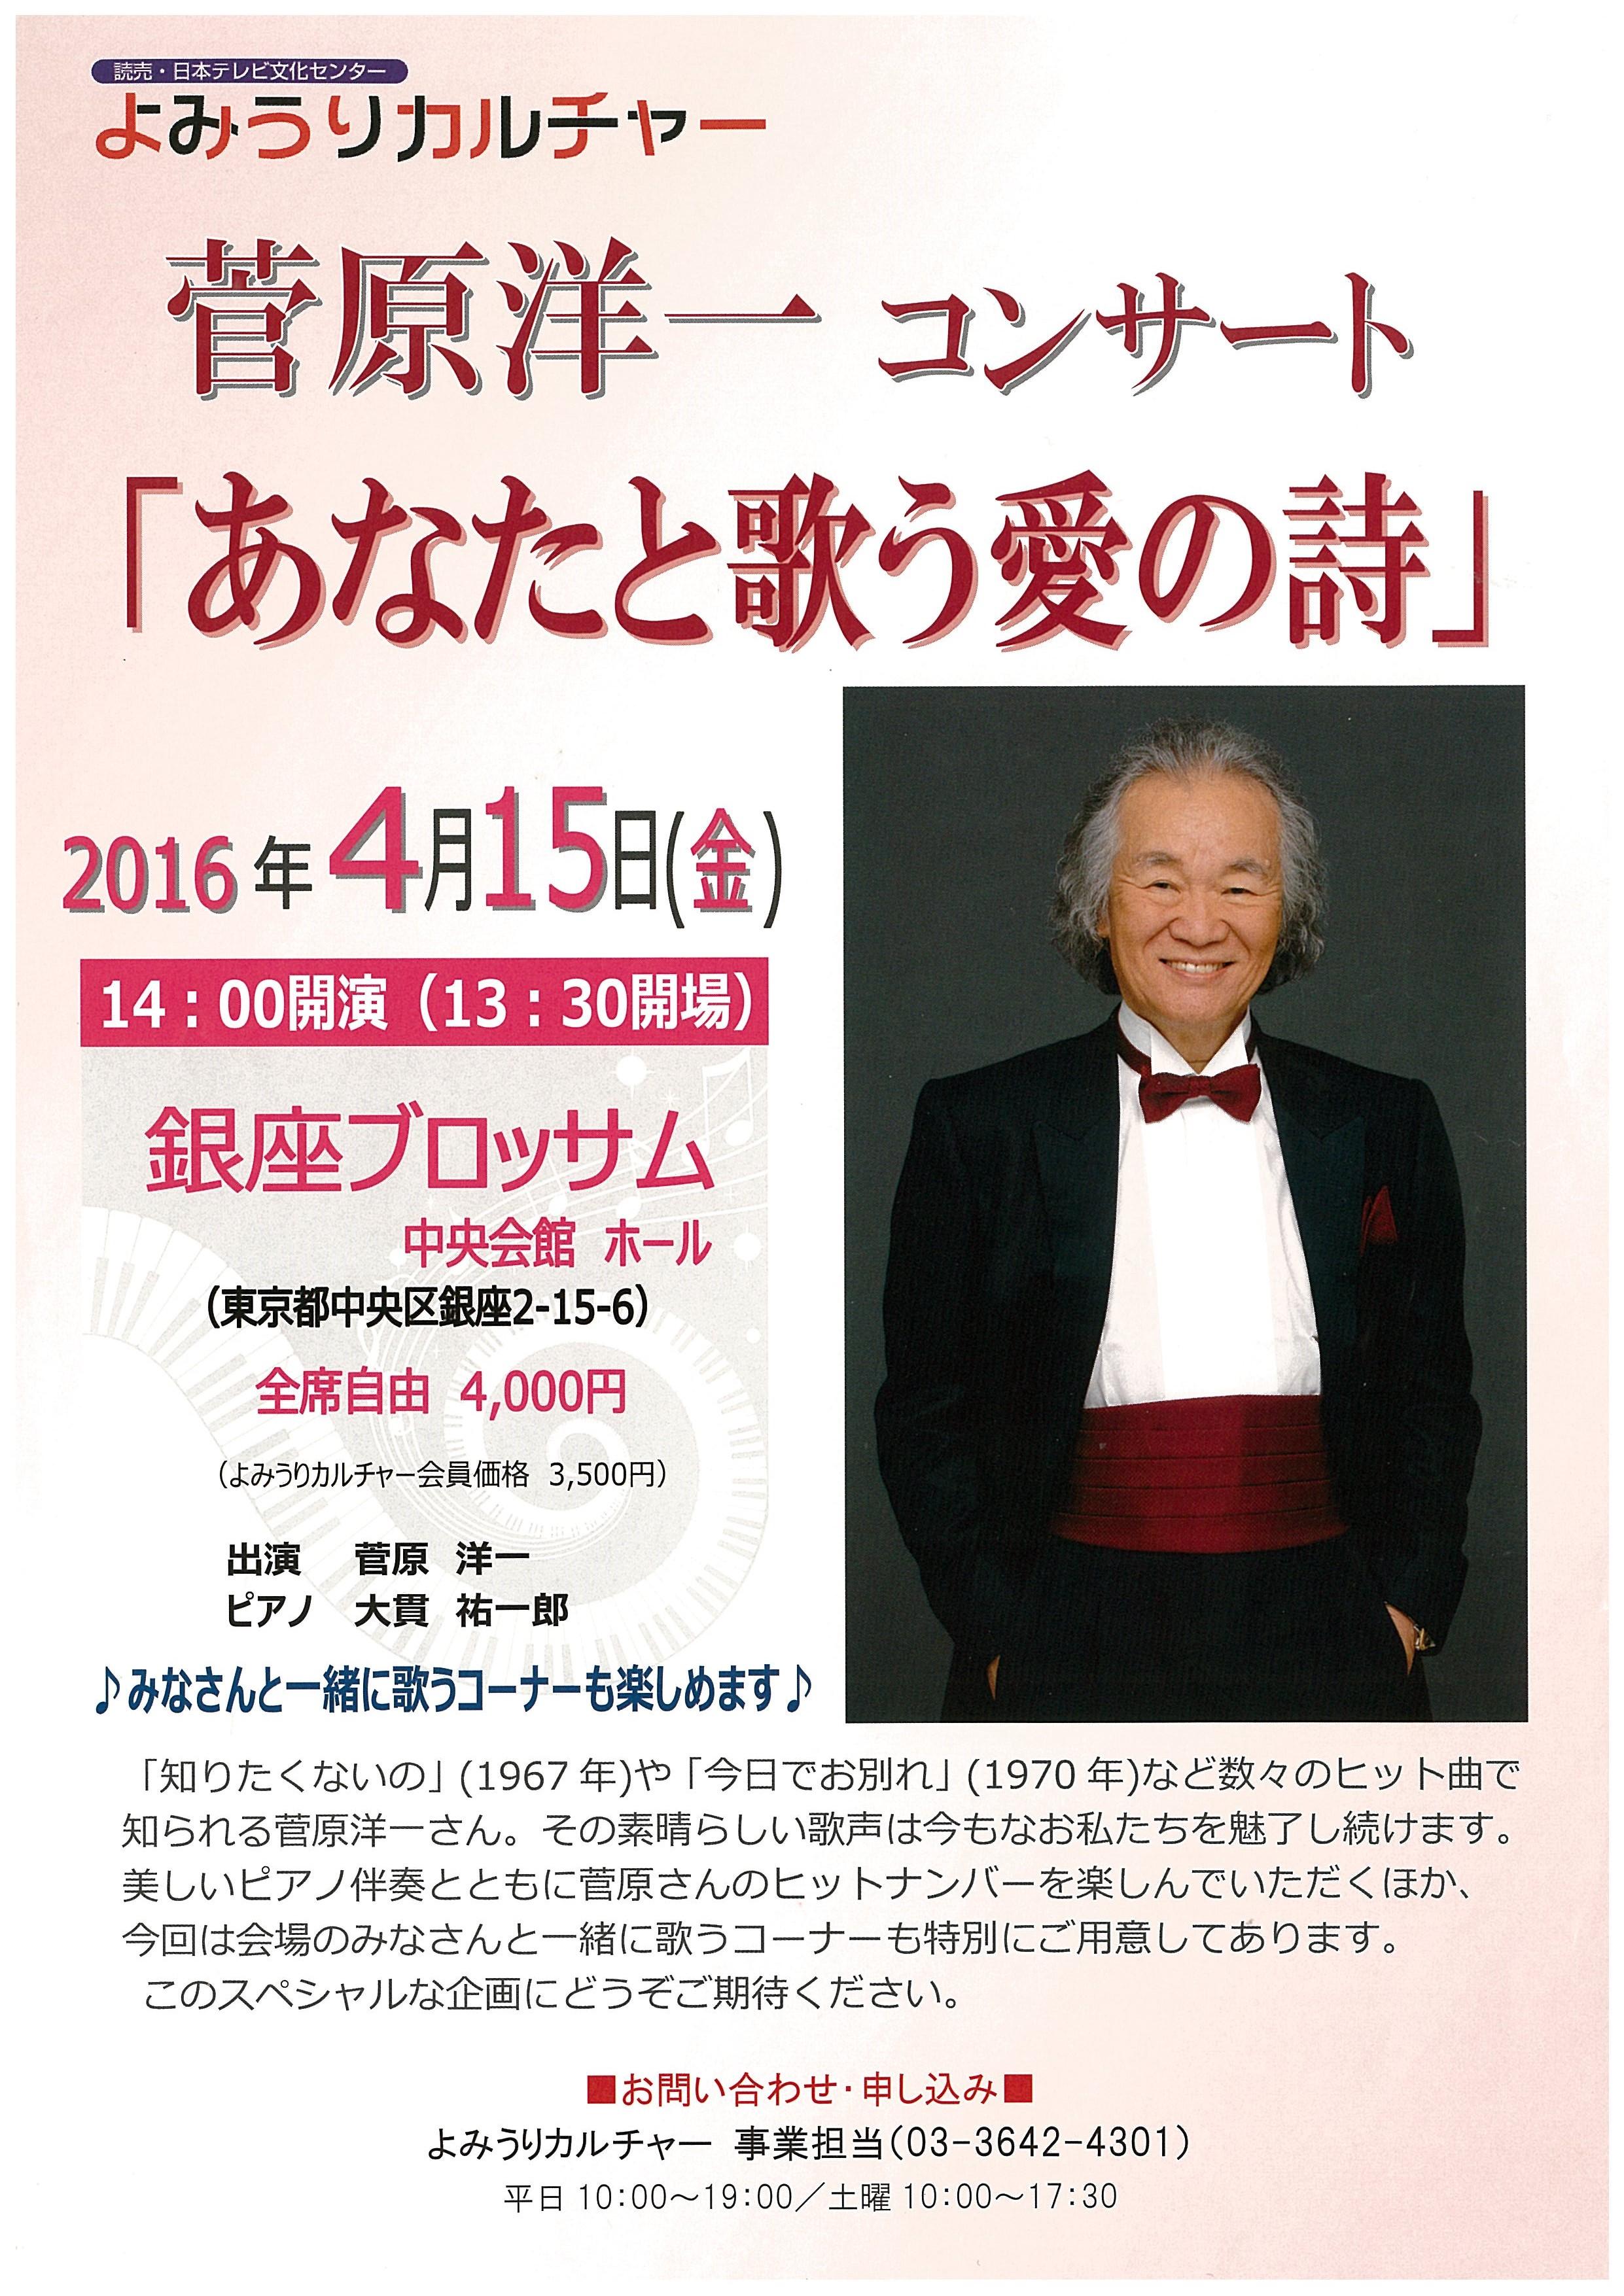 菅原洋一コンサート 「あなたと歌う愛の詩」